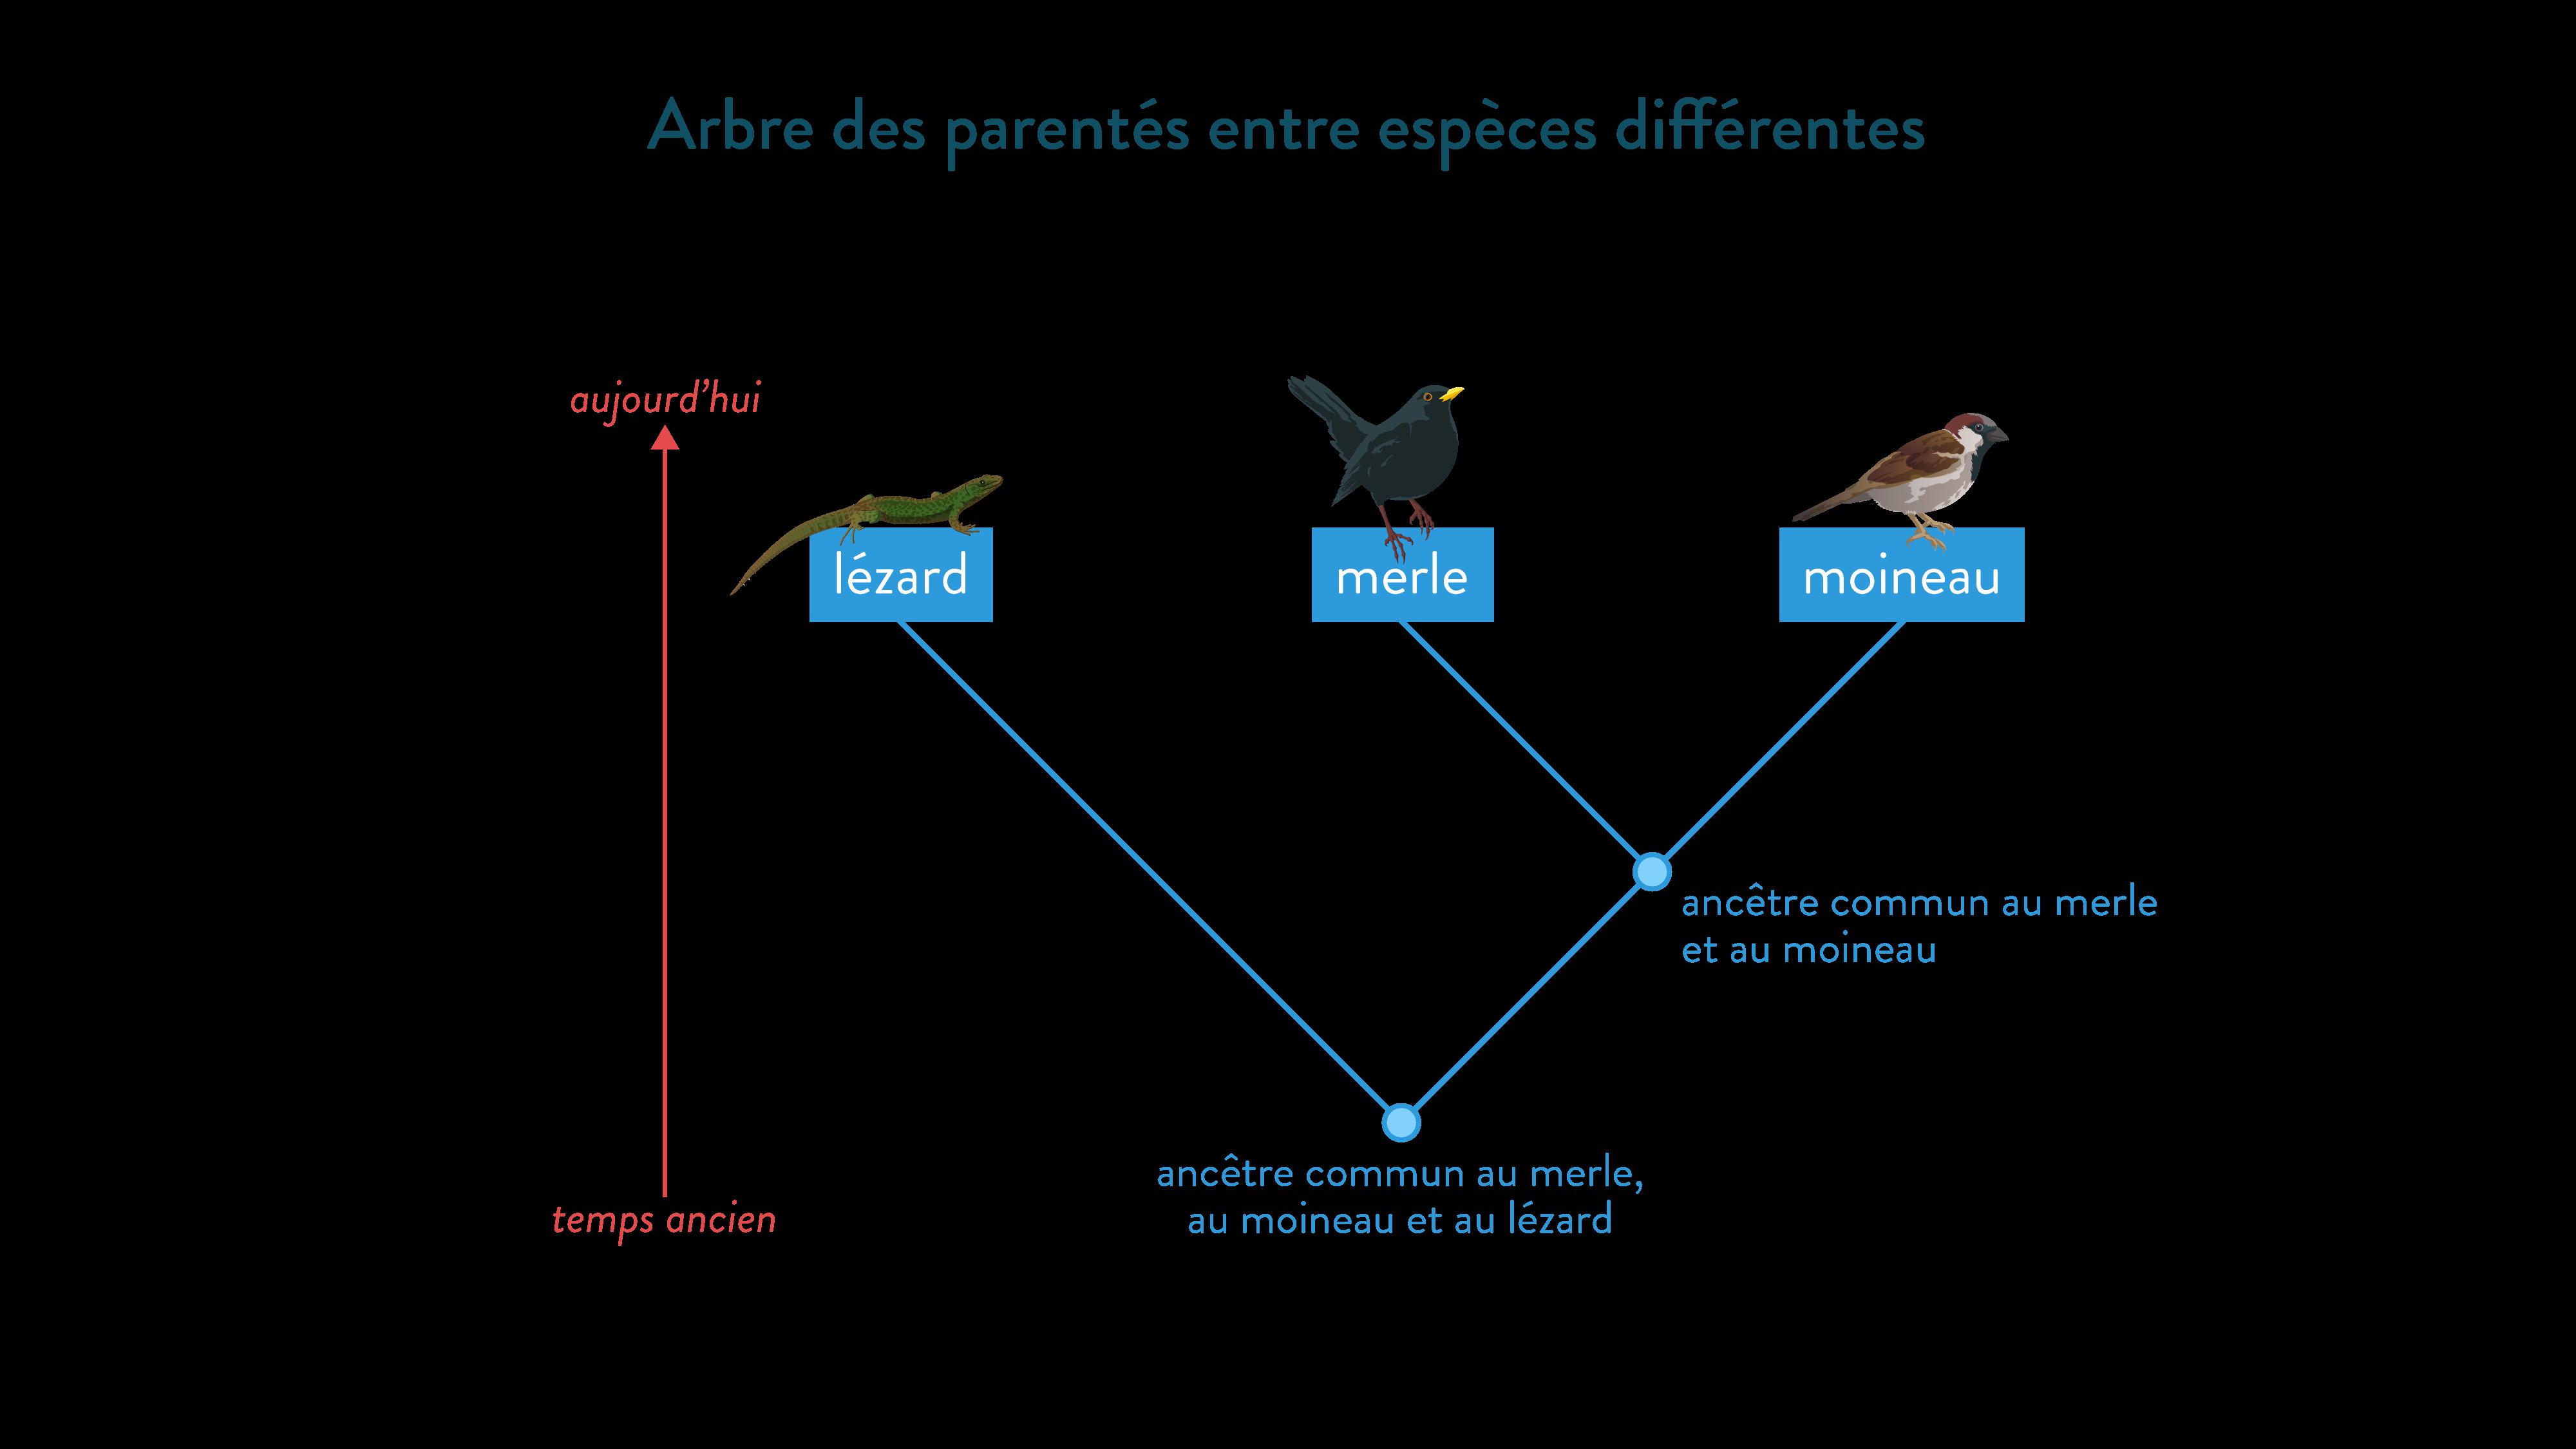 Arbre des parentés entre espèces différentes-svt-6eme-schoolmouv